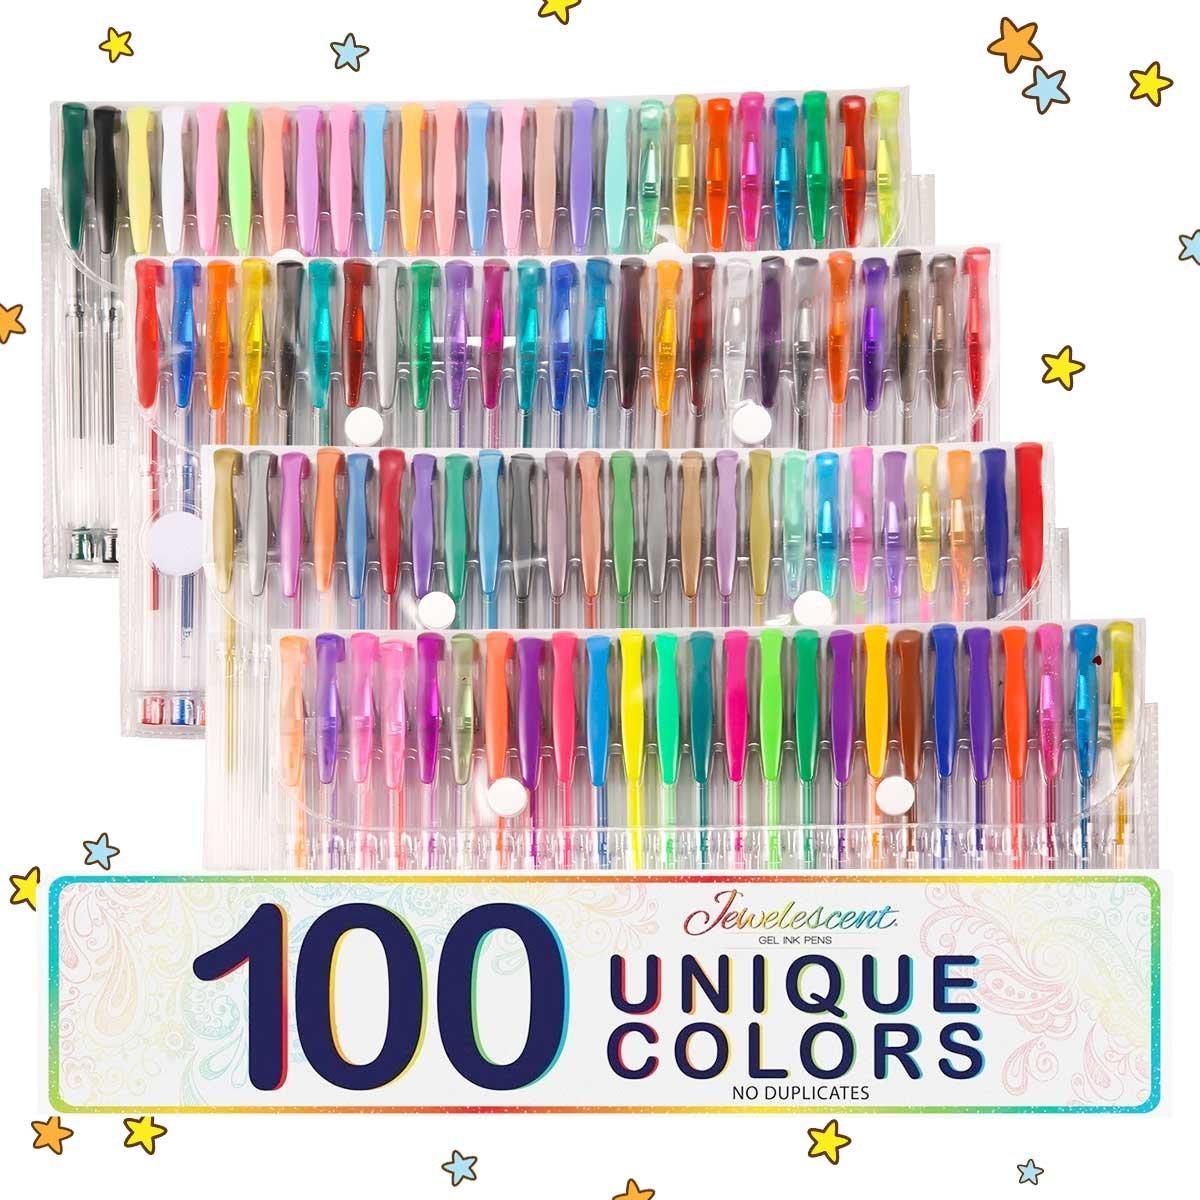 ARTISTORE 100 Penne Gel Colori Unici (senza duplicati) Penna Gel Set Idea regalo perfetta per adulti Libri da colorare Artigianato Scarabocchiare